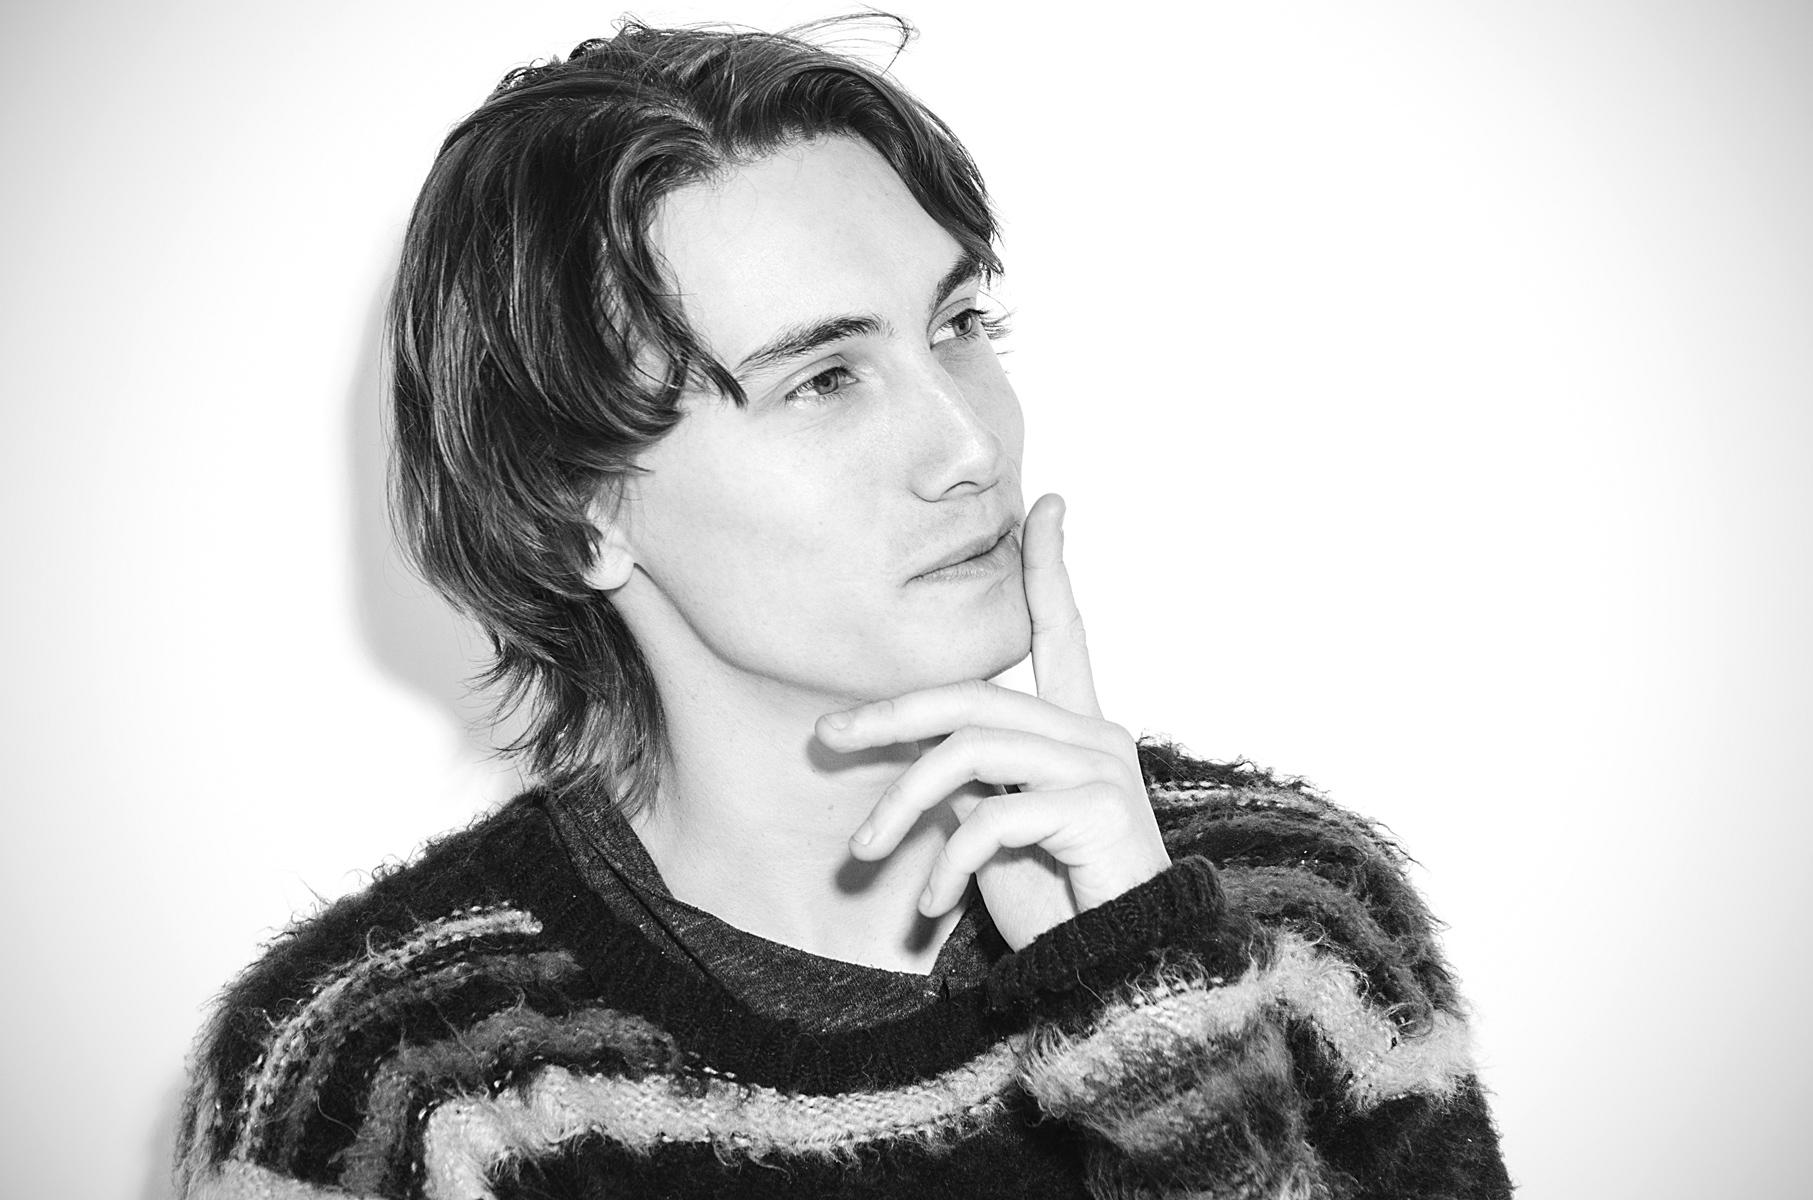 Denim fashion 2017 - James Paxton Issue Magazine